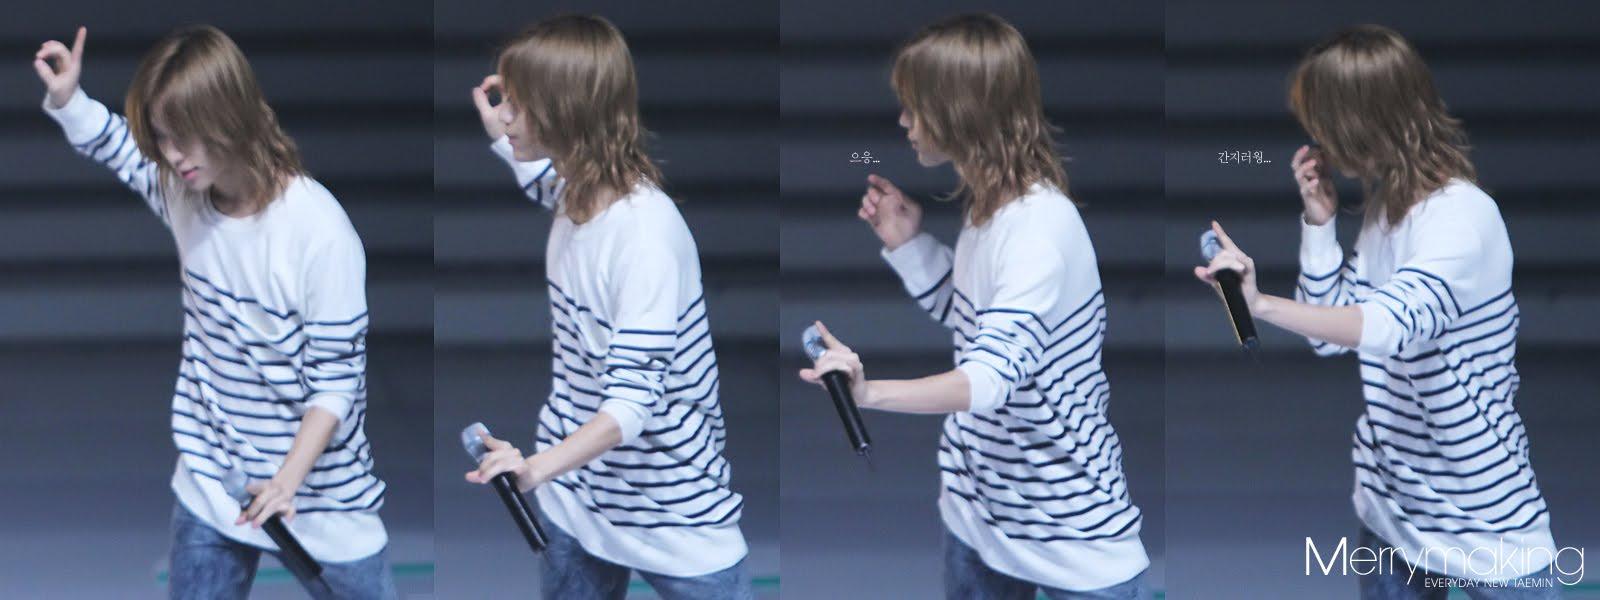 ¿Qué look de Tae te gusta más??? ;;;^^;;; - Página 2 Tae+02